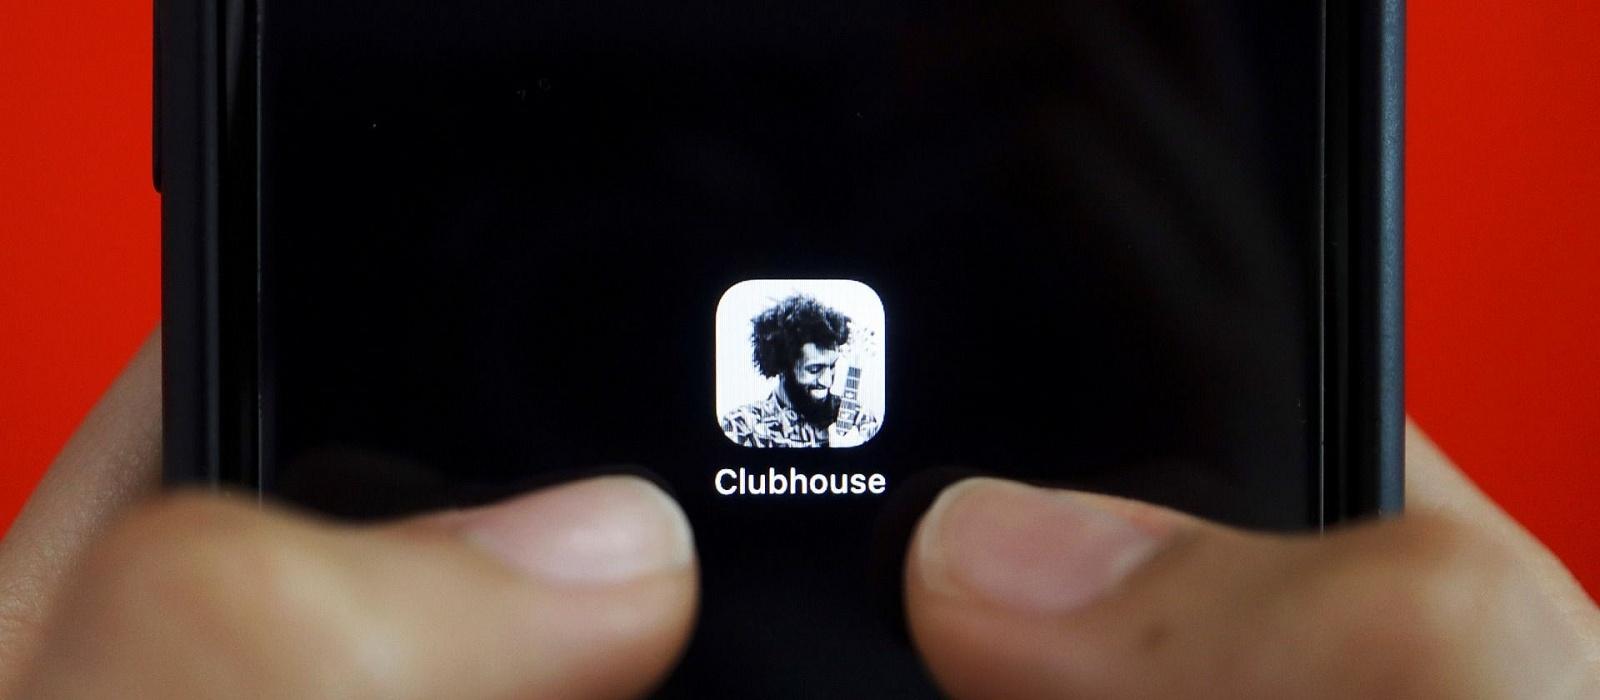 Bloomberg: ein Leck im geschlossenen sozialen Netzwerk Clubhaus.  Der Benutzer hat Gespräche mehrerer Teilnehmer aufgezeichnet